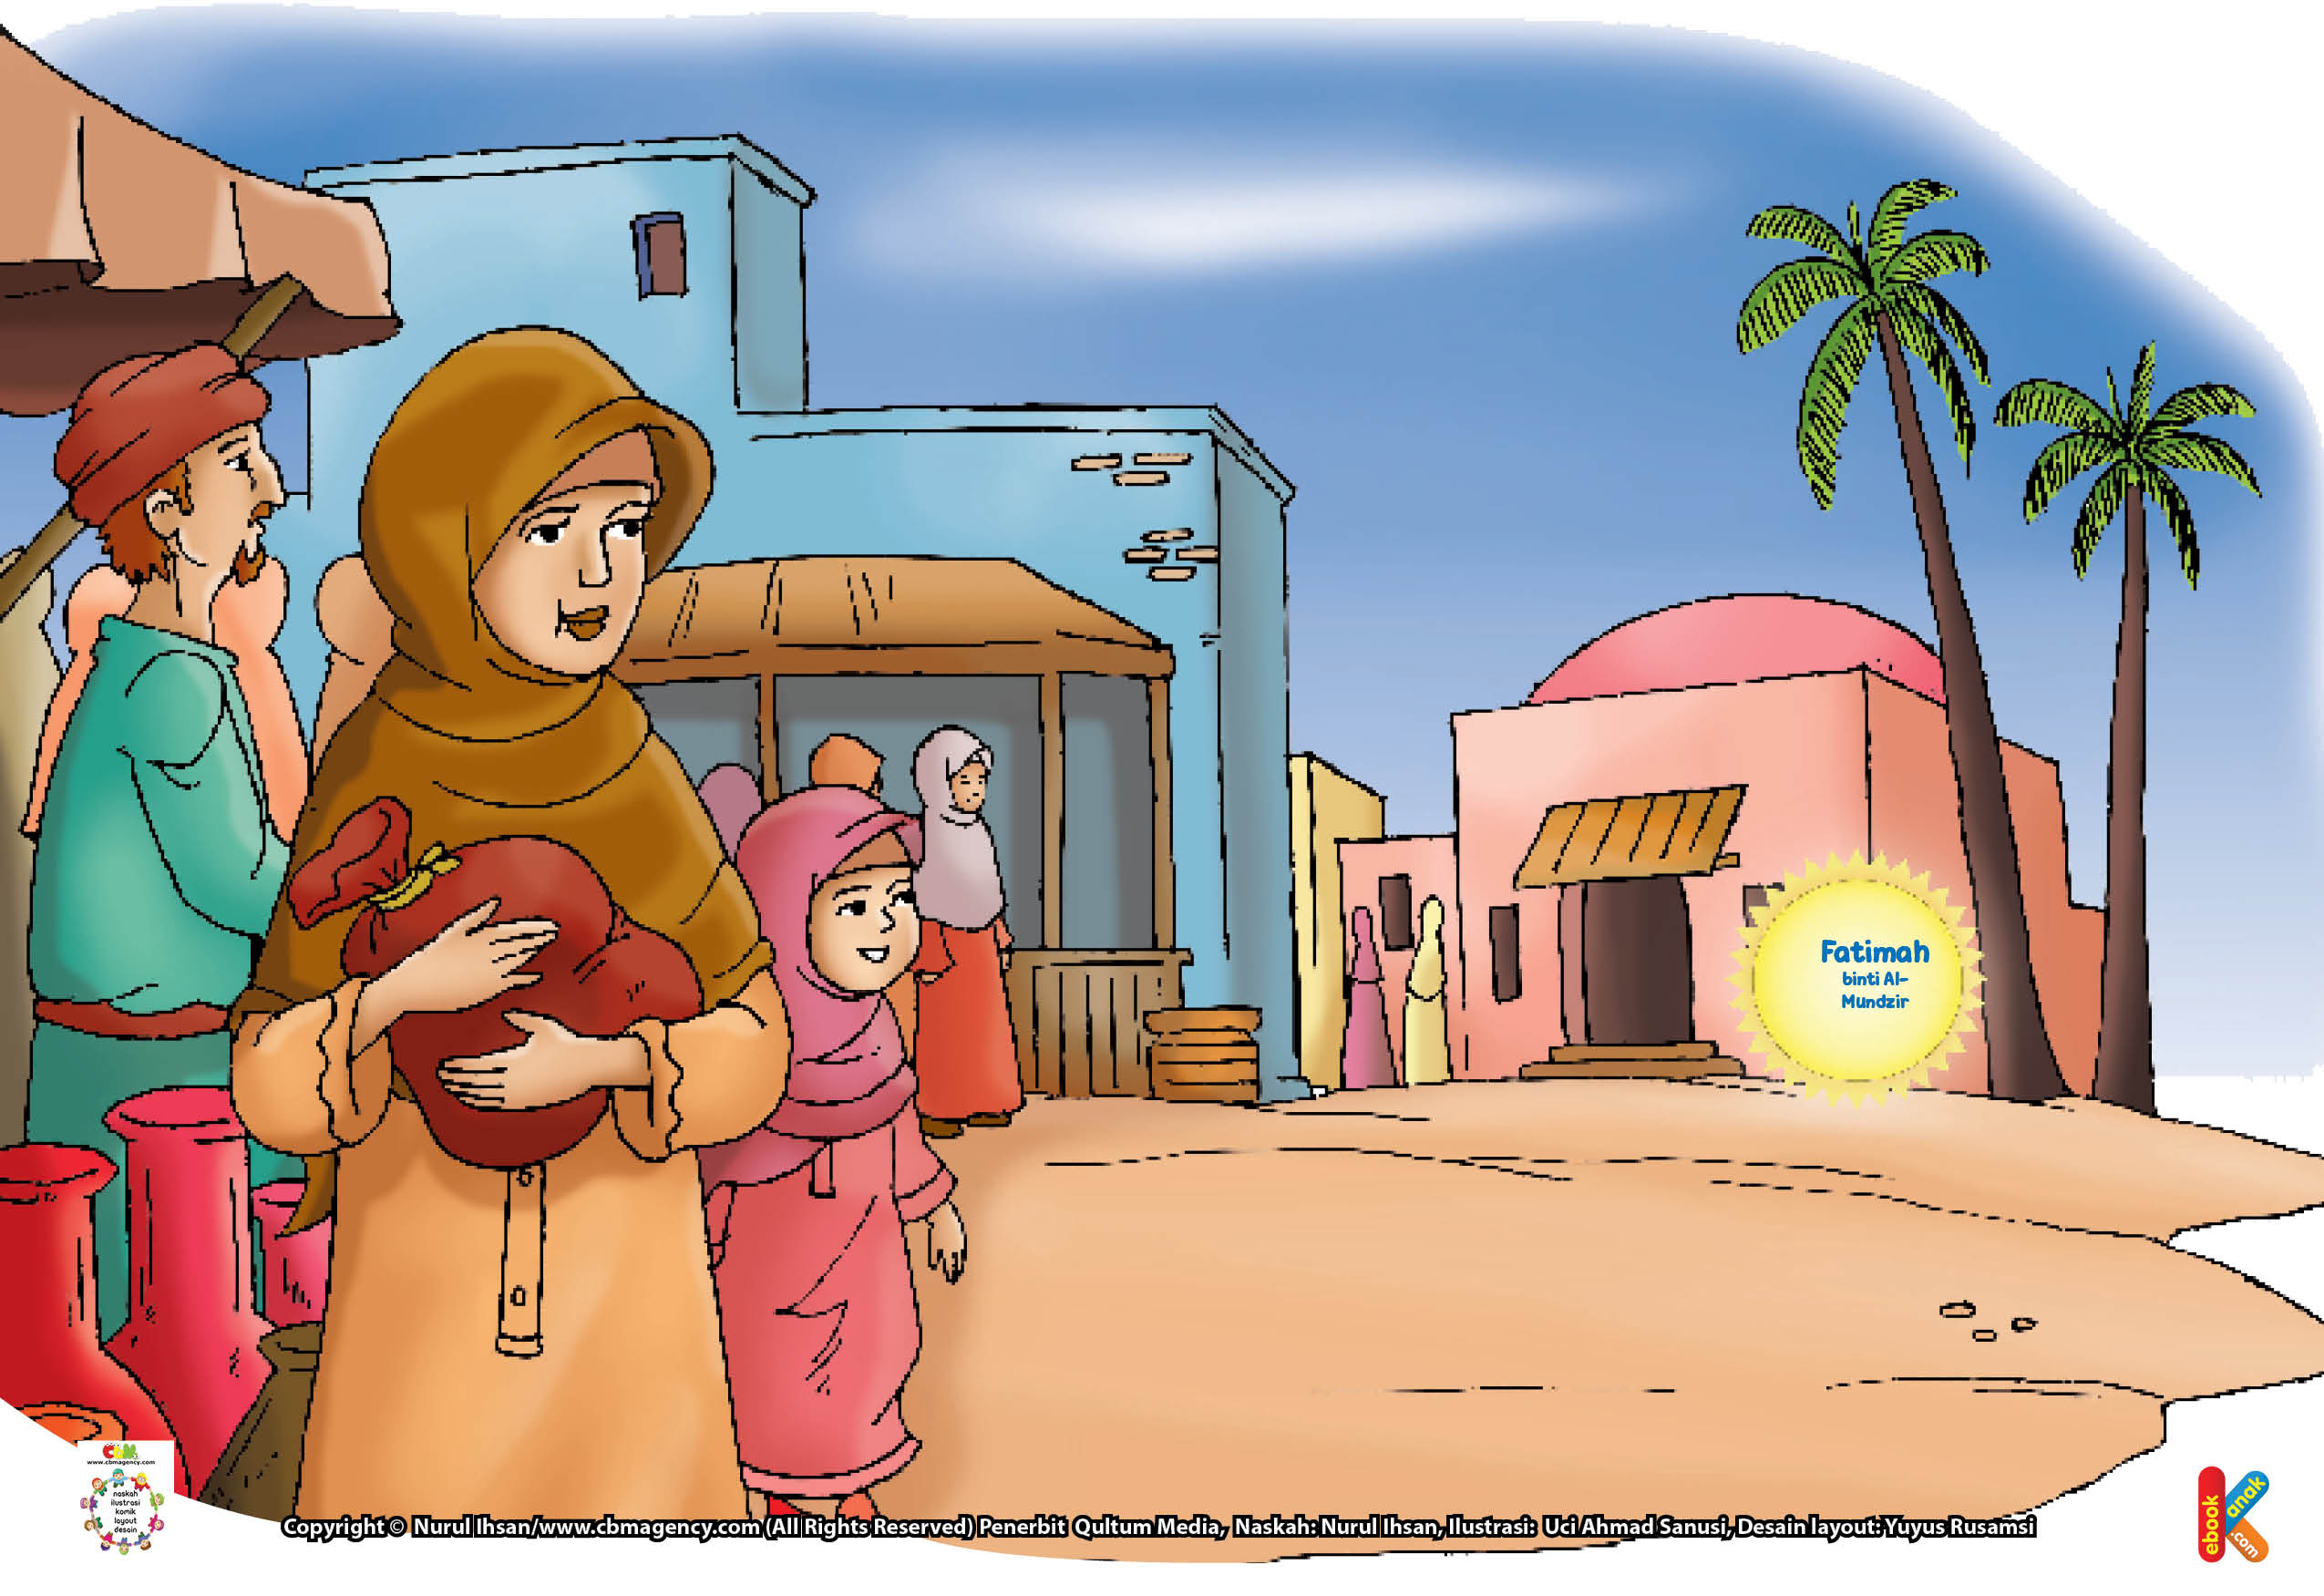 Karena sama-sama memiliki pengetahuan yang luas di bidang hadis, maka Fatimah binti al-Mundzir dan suaminya kemudian bekerja sama mengajarkan hadis kepada orang lain.